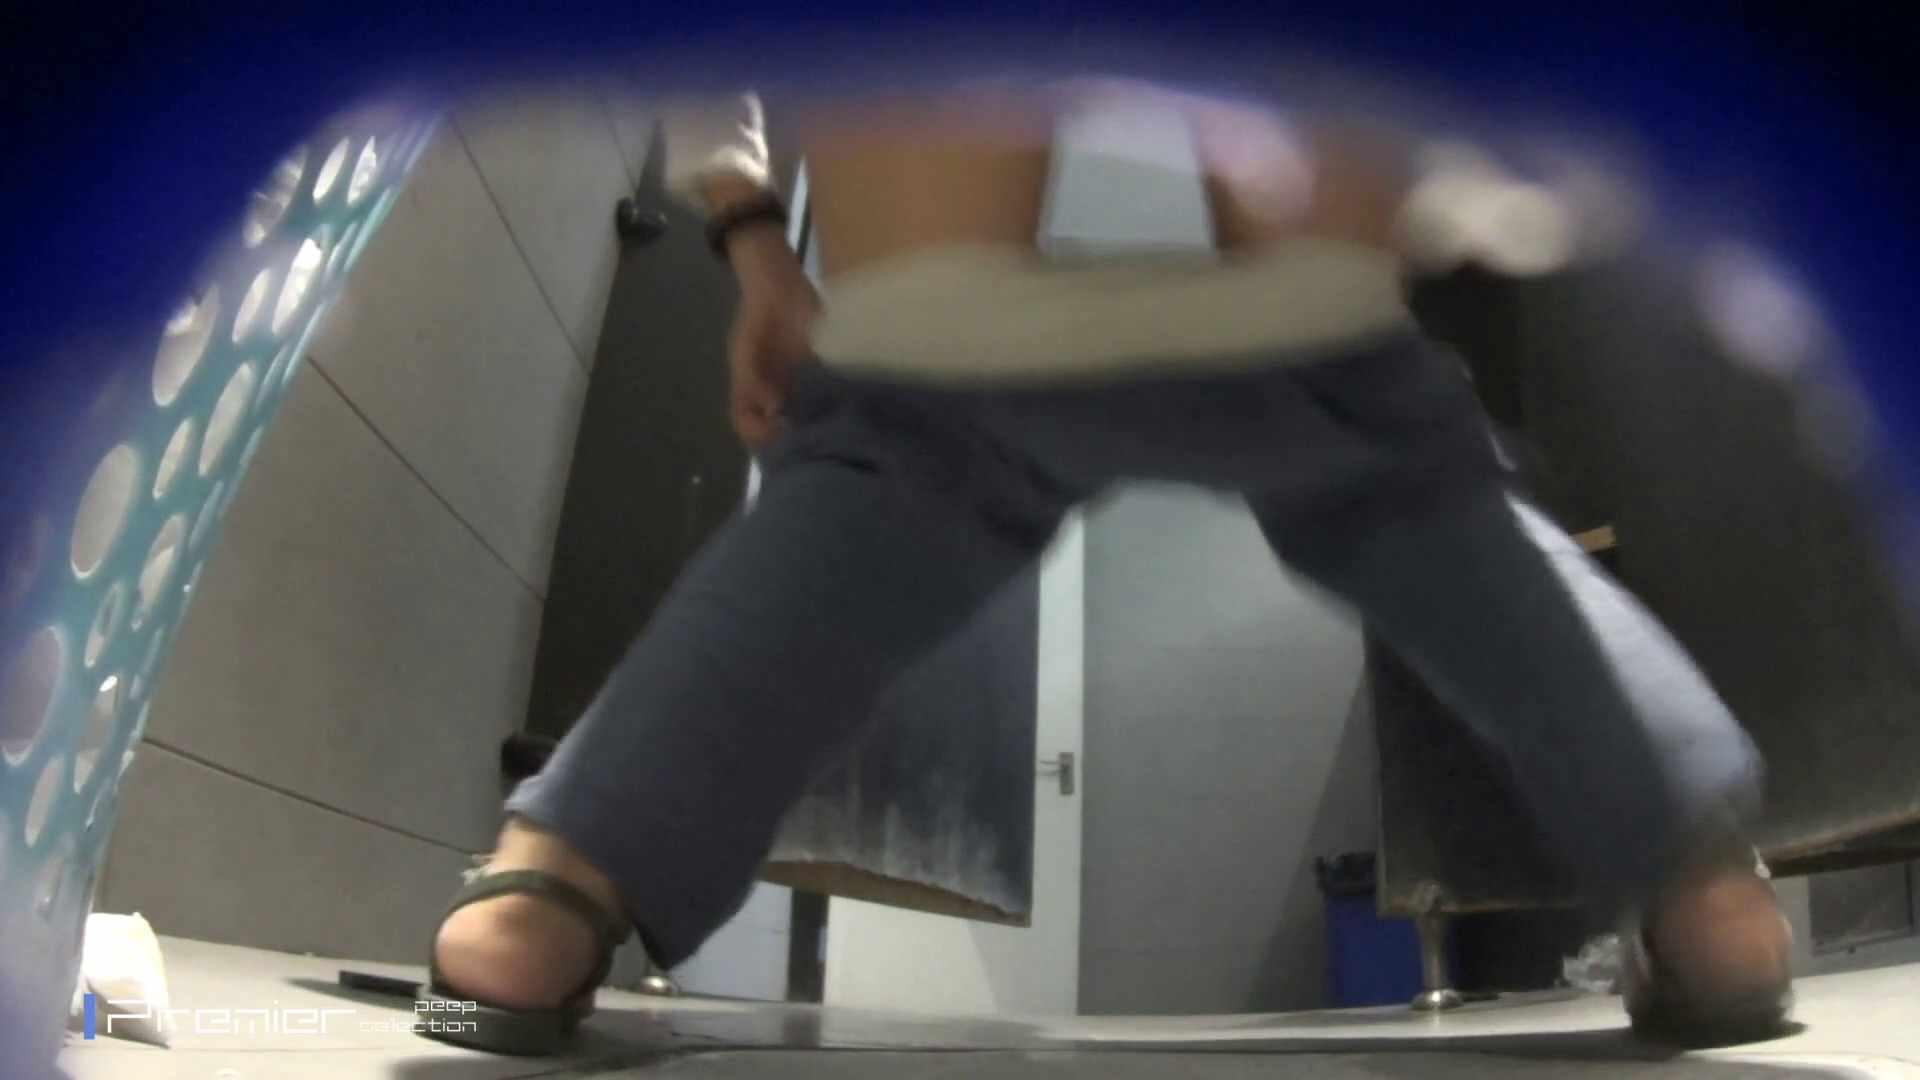 再生時間最長!17分!大学休憩時間の洗面所事情67 美女 隠し撮りセックス画像 50pic 7